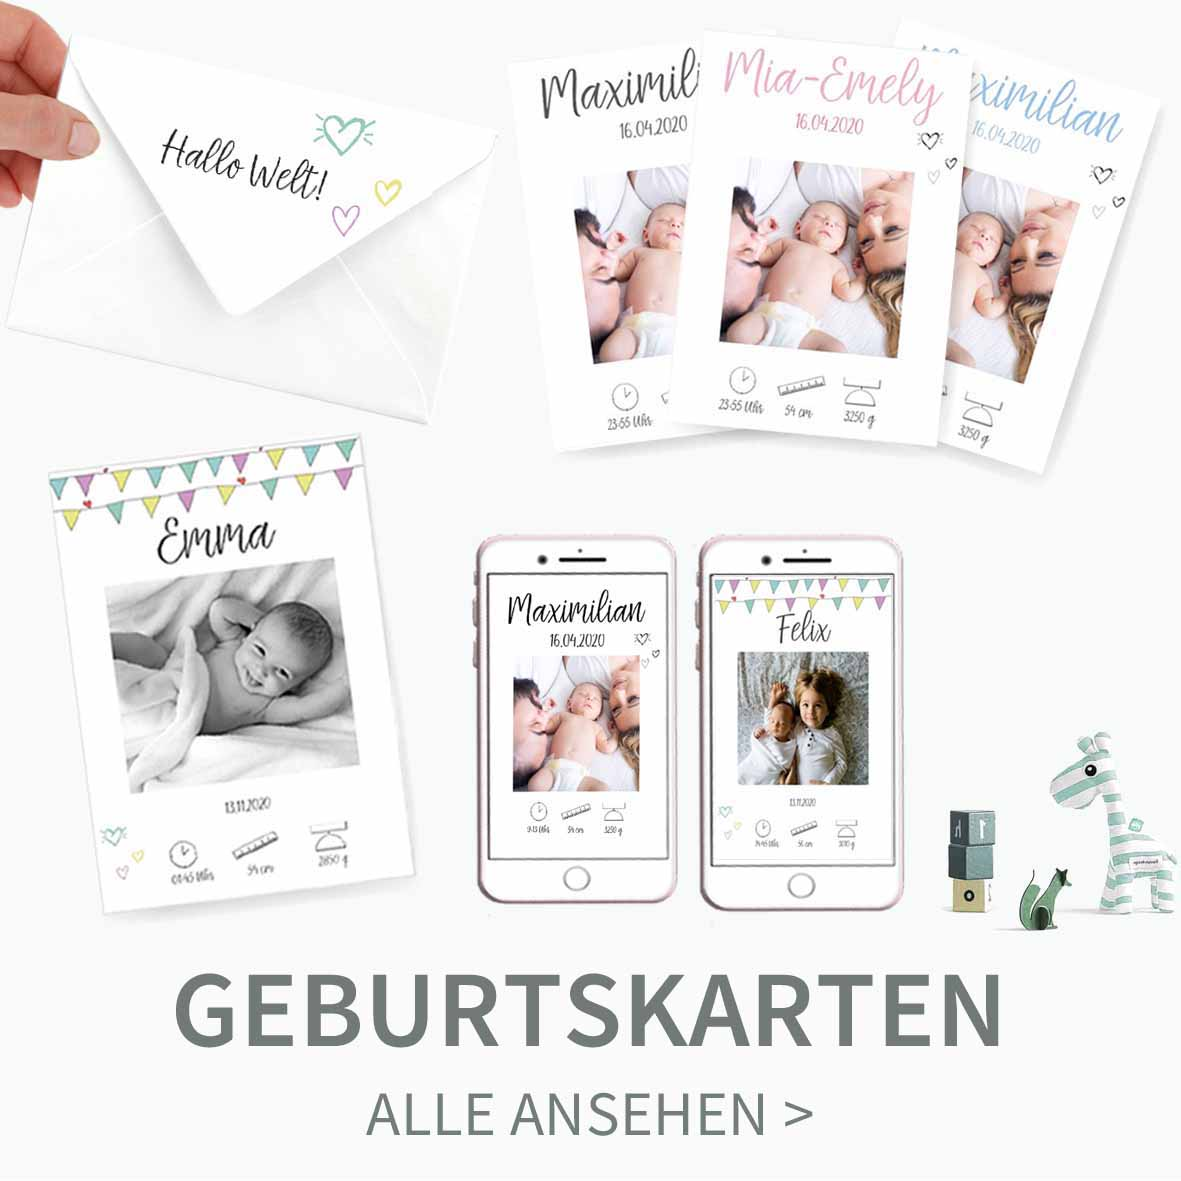 Druckvorlagen für Geburtskarten